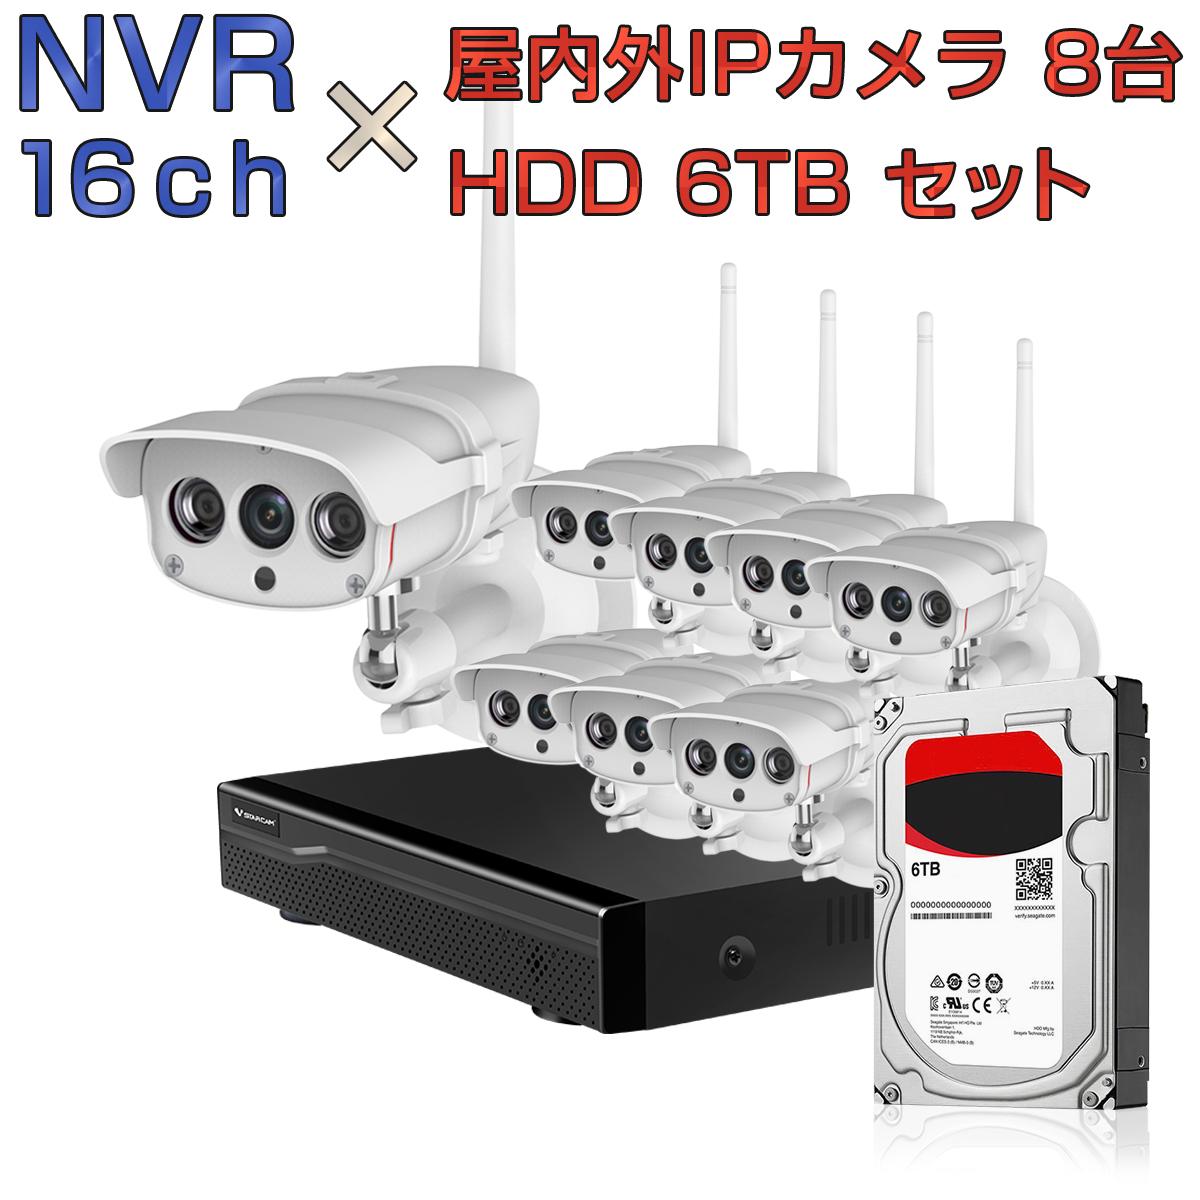 NVR ネットワークビデオレコーダー 16ch HDD6TB内蔵 C16S 2K 1080P 200万画素カメラ 8台セット IP ONVIF形式 スマホ対応 遠隔監視 1080P FHD 動体検知 同時出力 録音対応 H.265+ IPカメラレコーダー監視システム 宅配便送料無料 1年保証